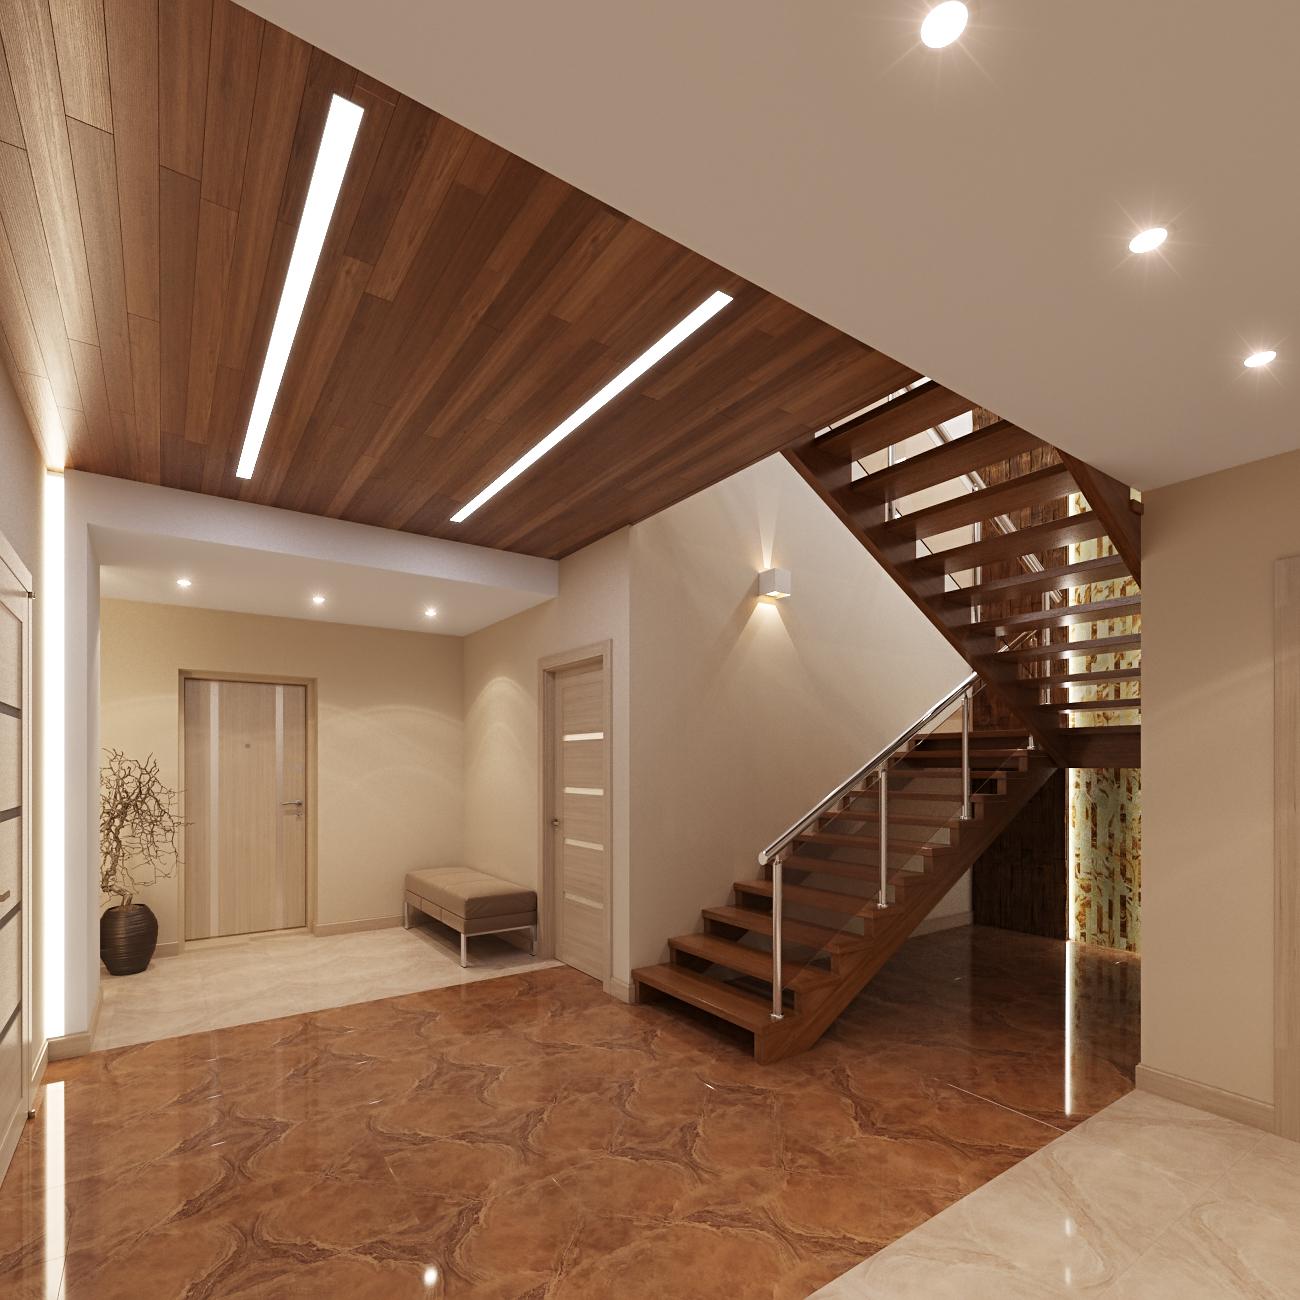 дизайн-проекты интерьеров